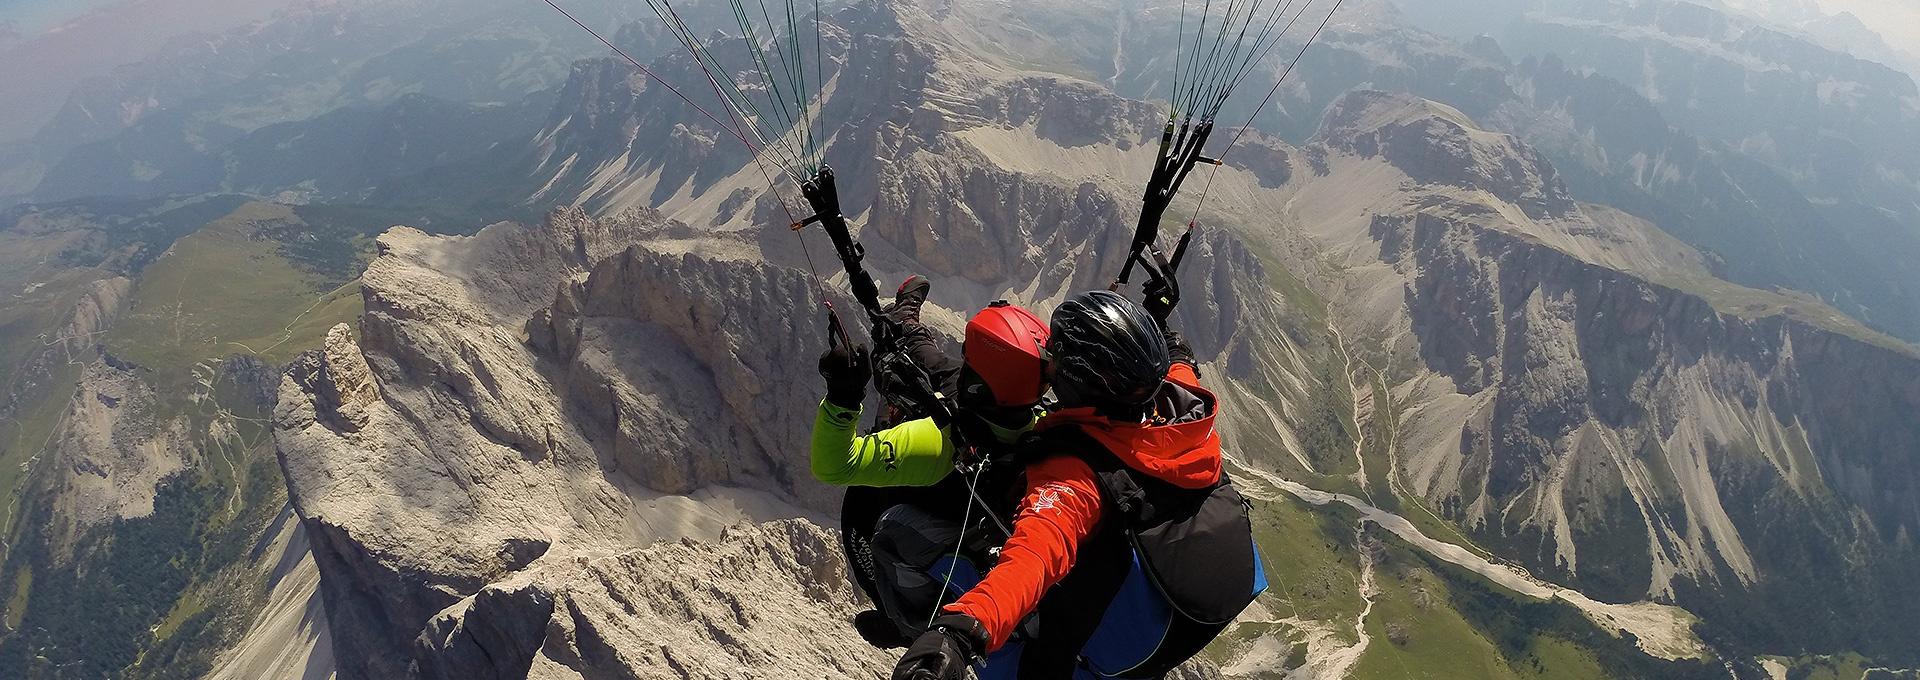 Tandemflug - Gleitschirmfliegen Dolomiten